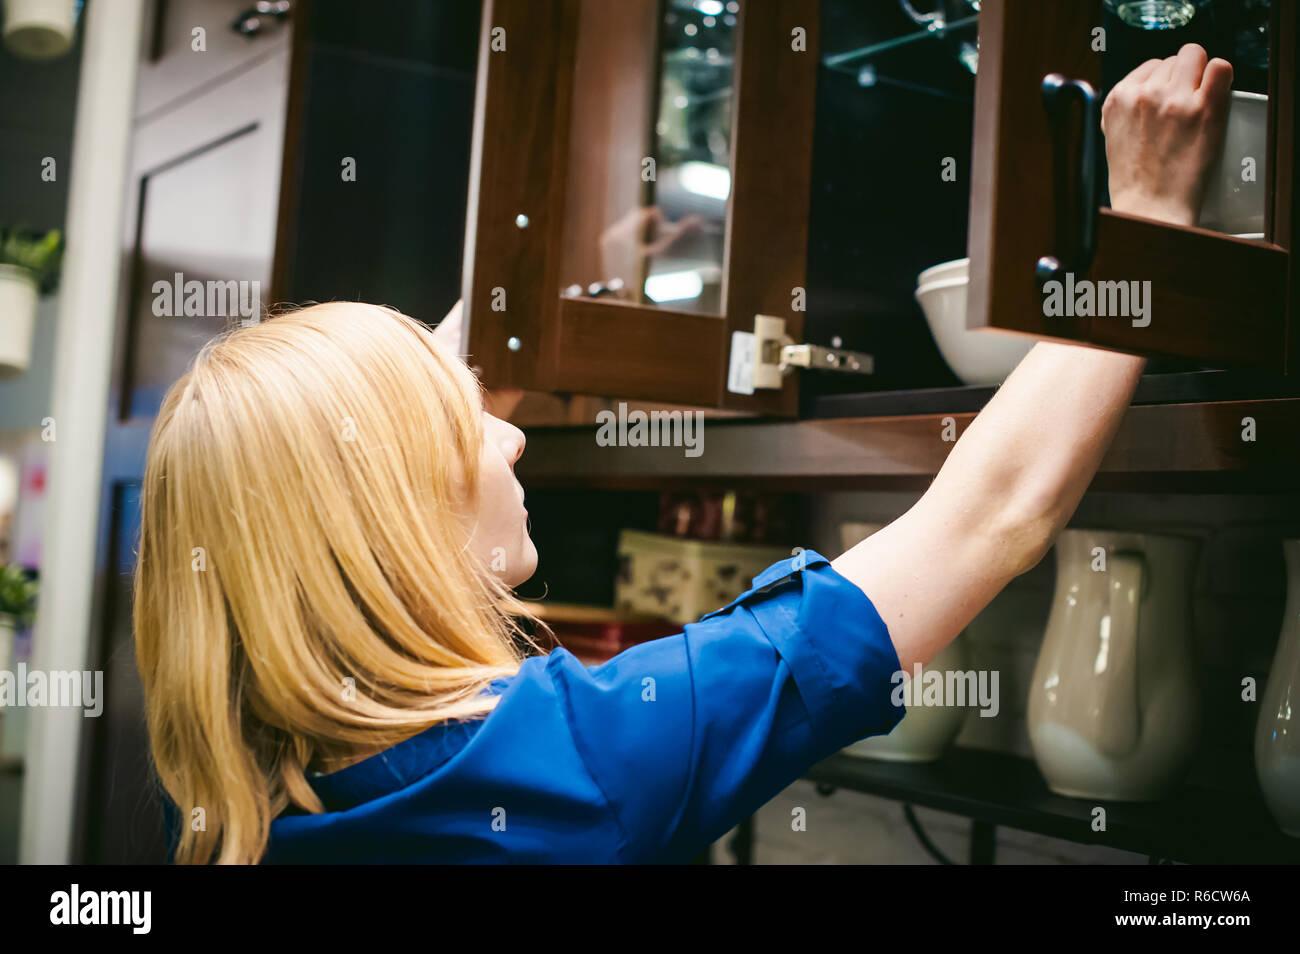 Weihnachtsbaum Service.Frau Hausfrau In Der Küche Mädchen Zieht Aus Dem Regal Schrank